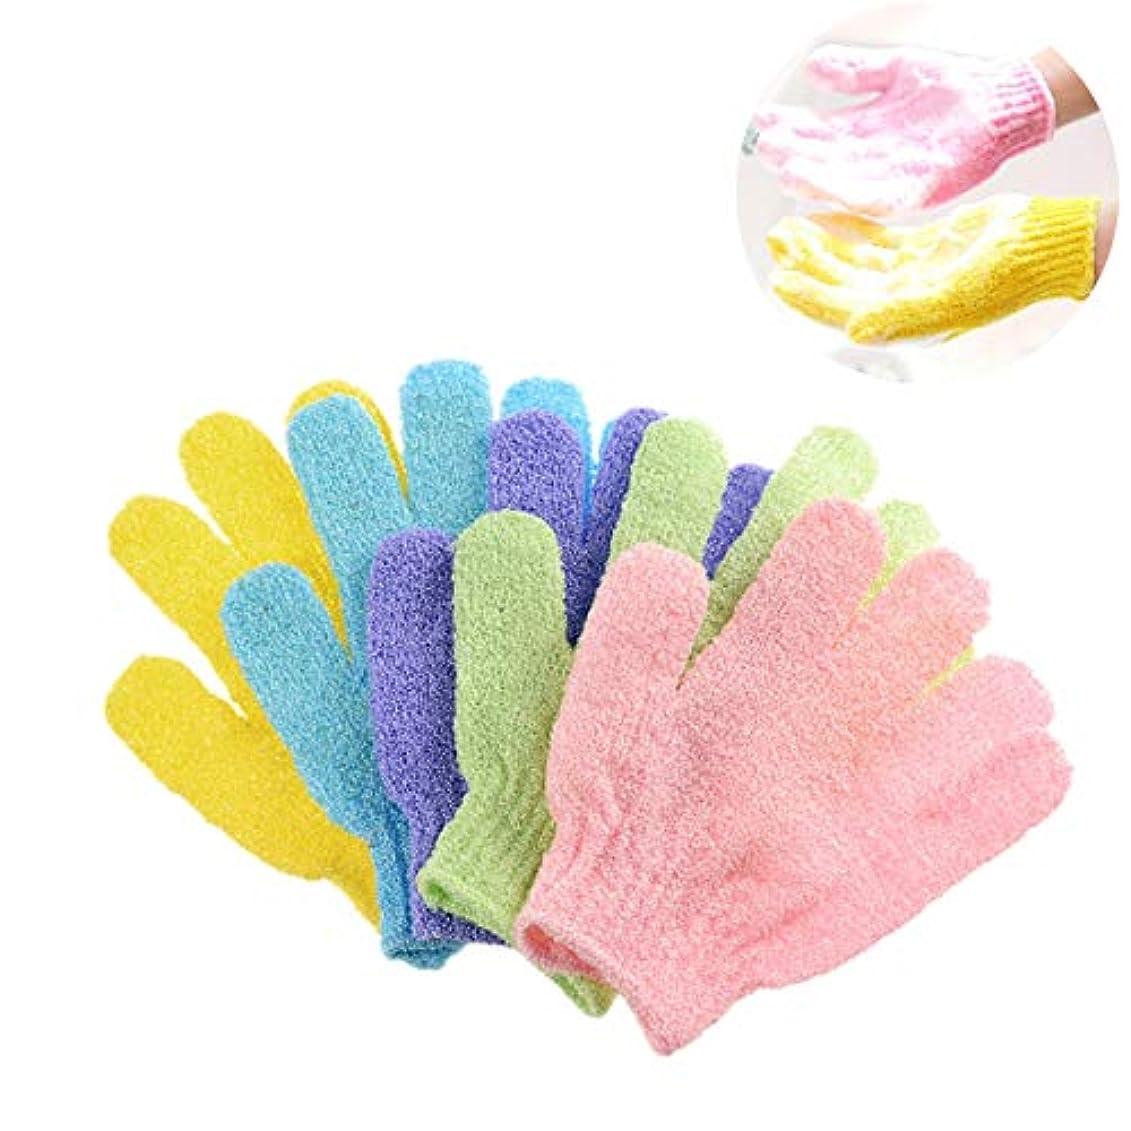 前進タイプ礼儀Kingsie 浴用手袋 10枚セット(5ペア) ボディウォッシュ手袋 お風呂手袋 角質除去 角質取り 泡立ち 垢すり グローブ